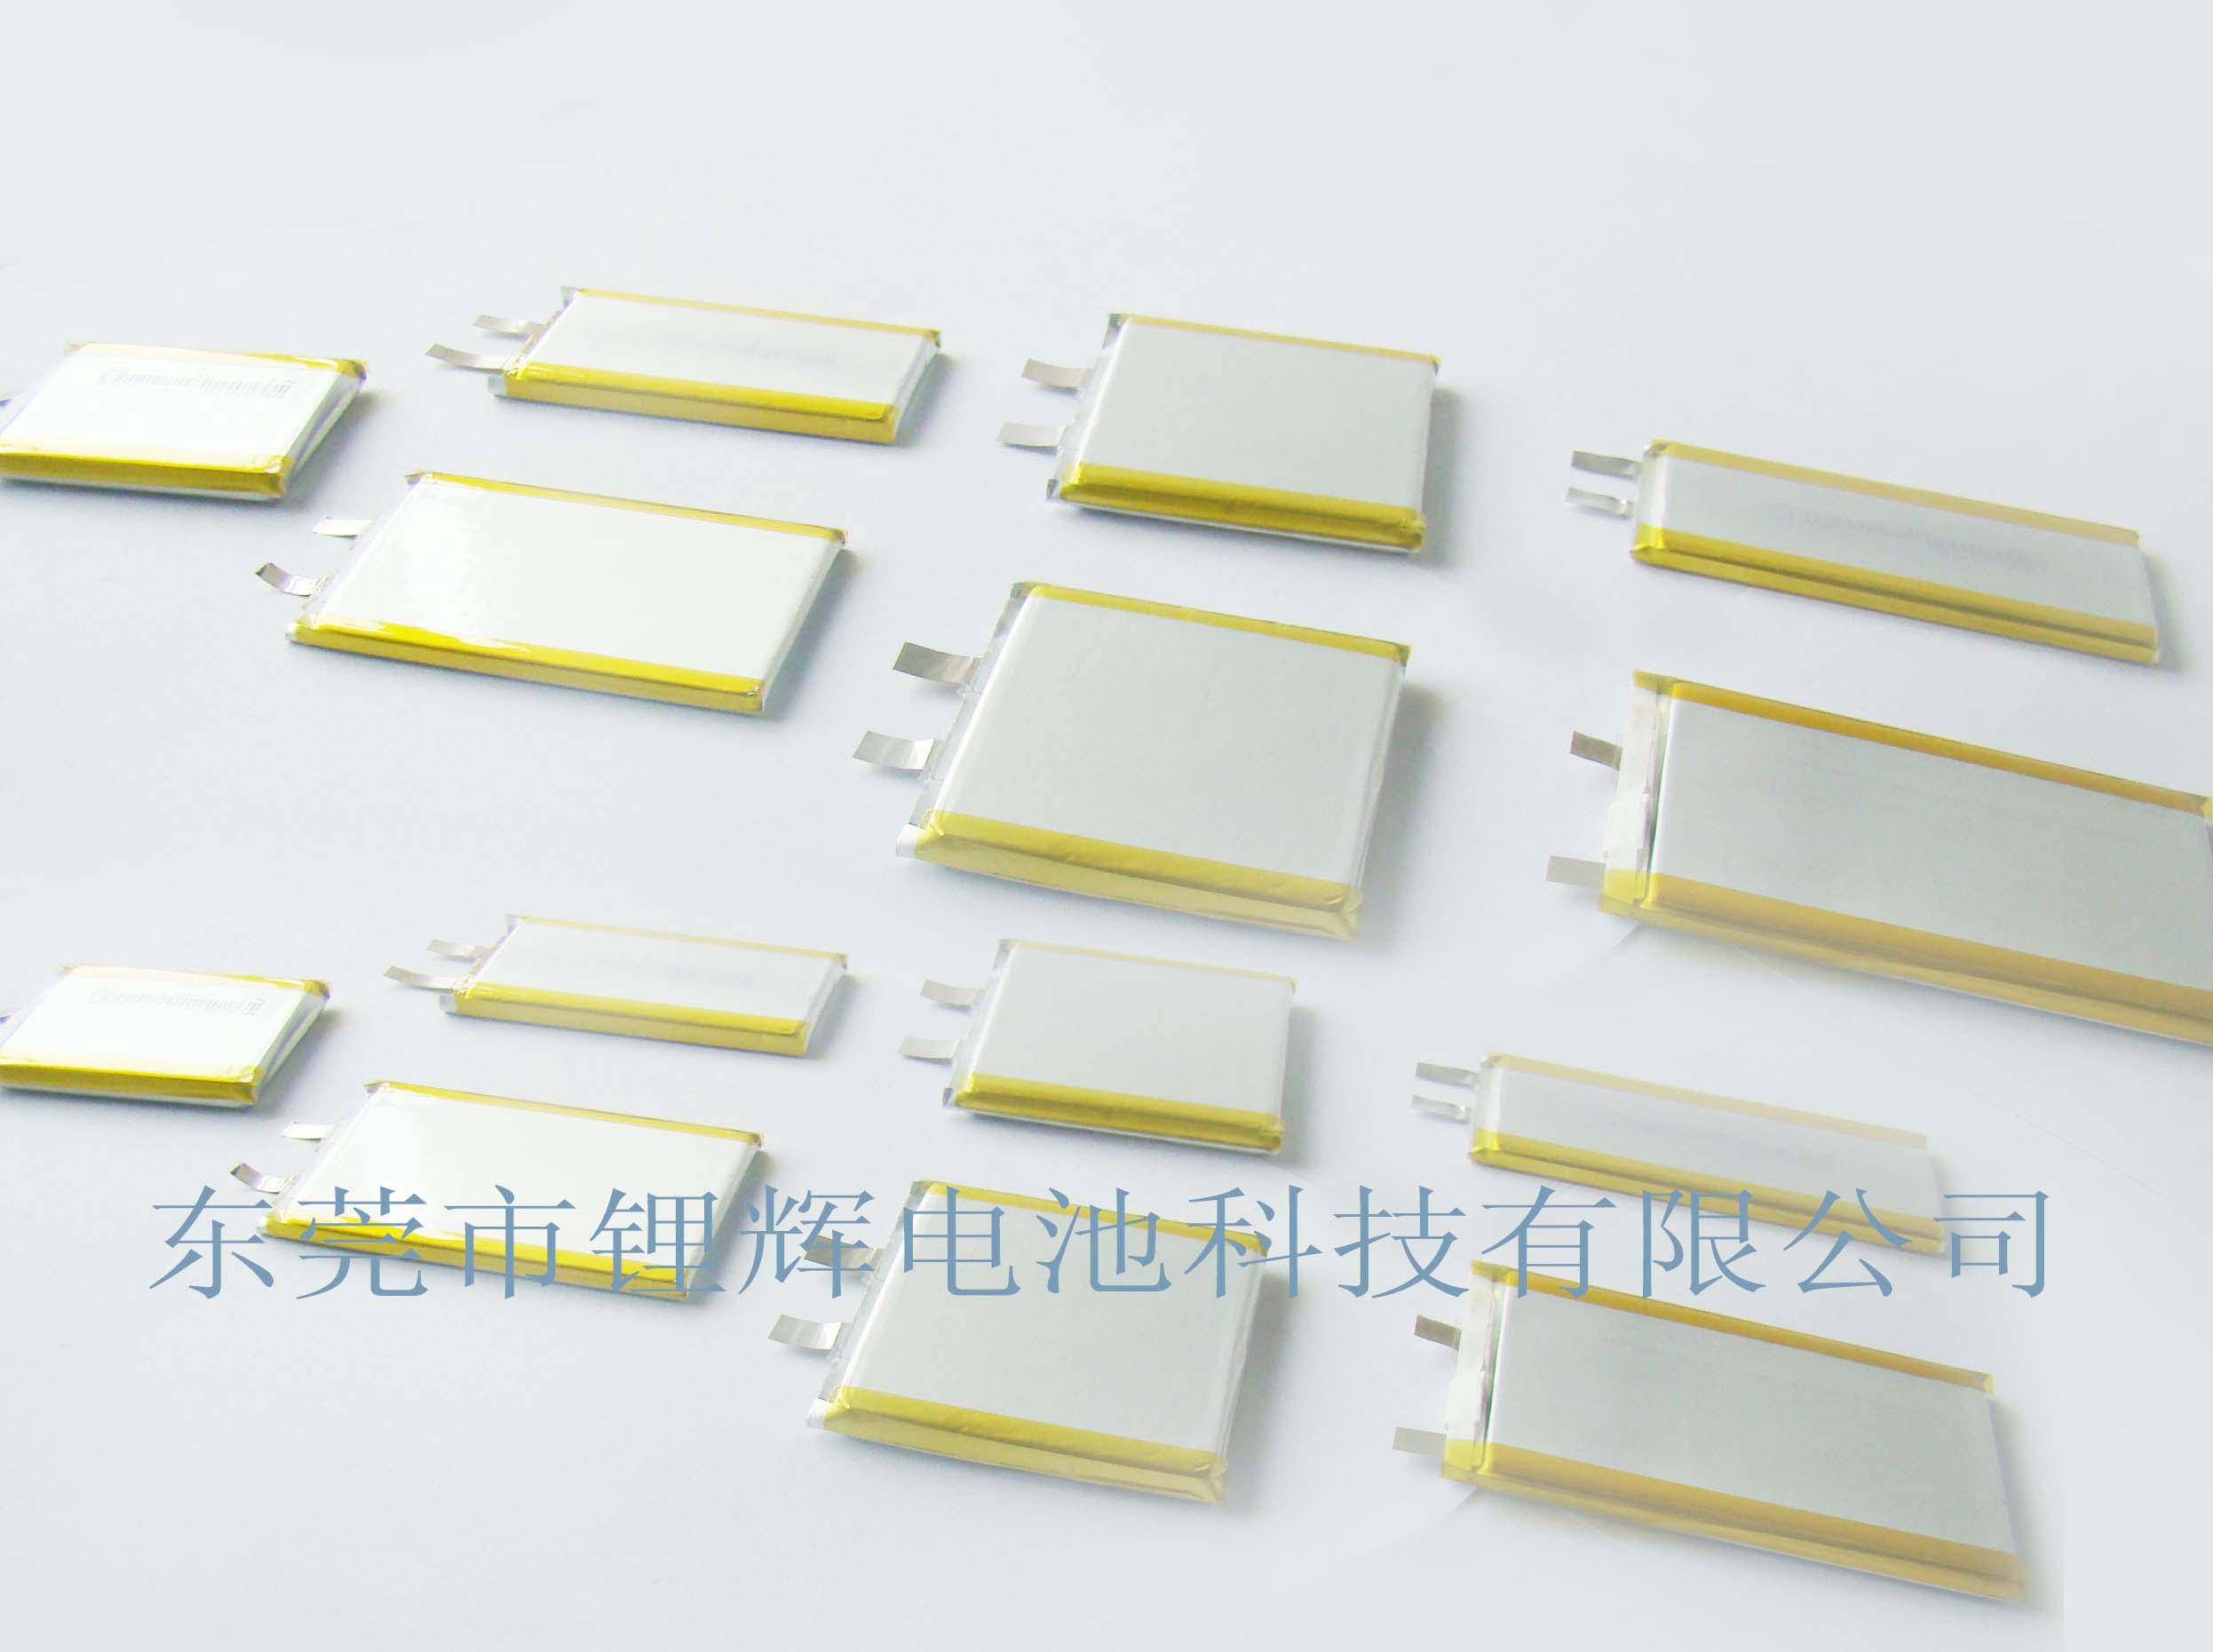 锂辉电池公司的聚合物锂电池产品图